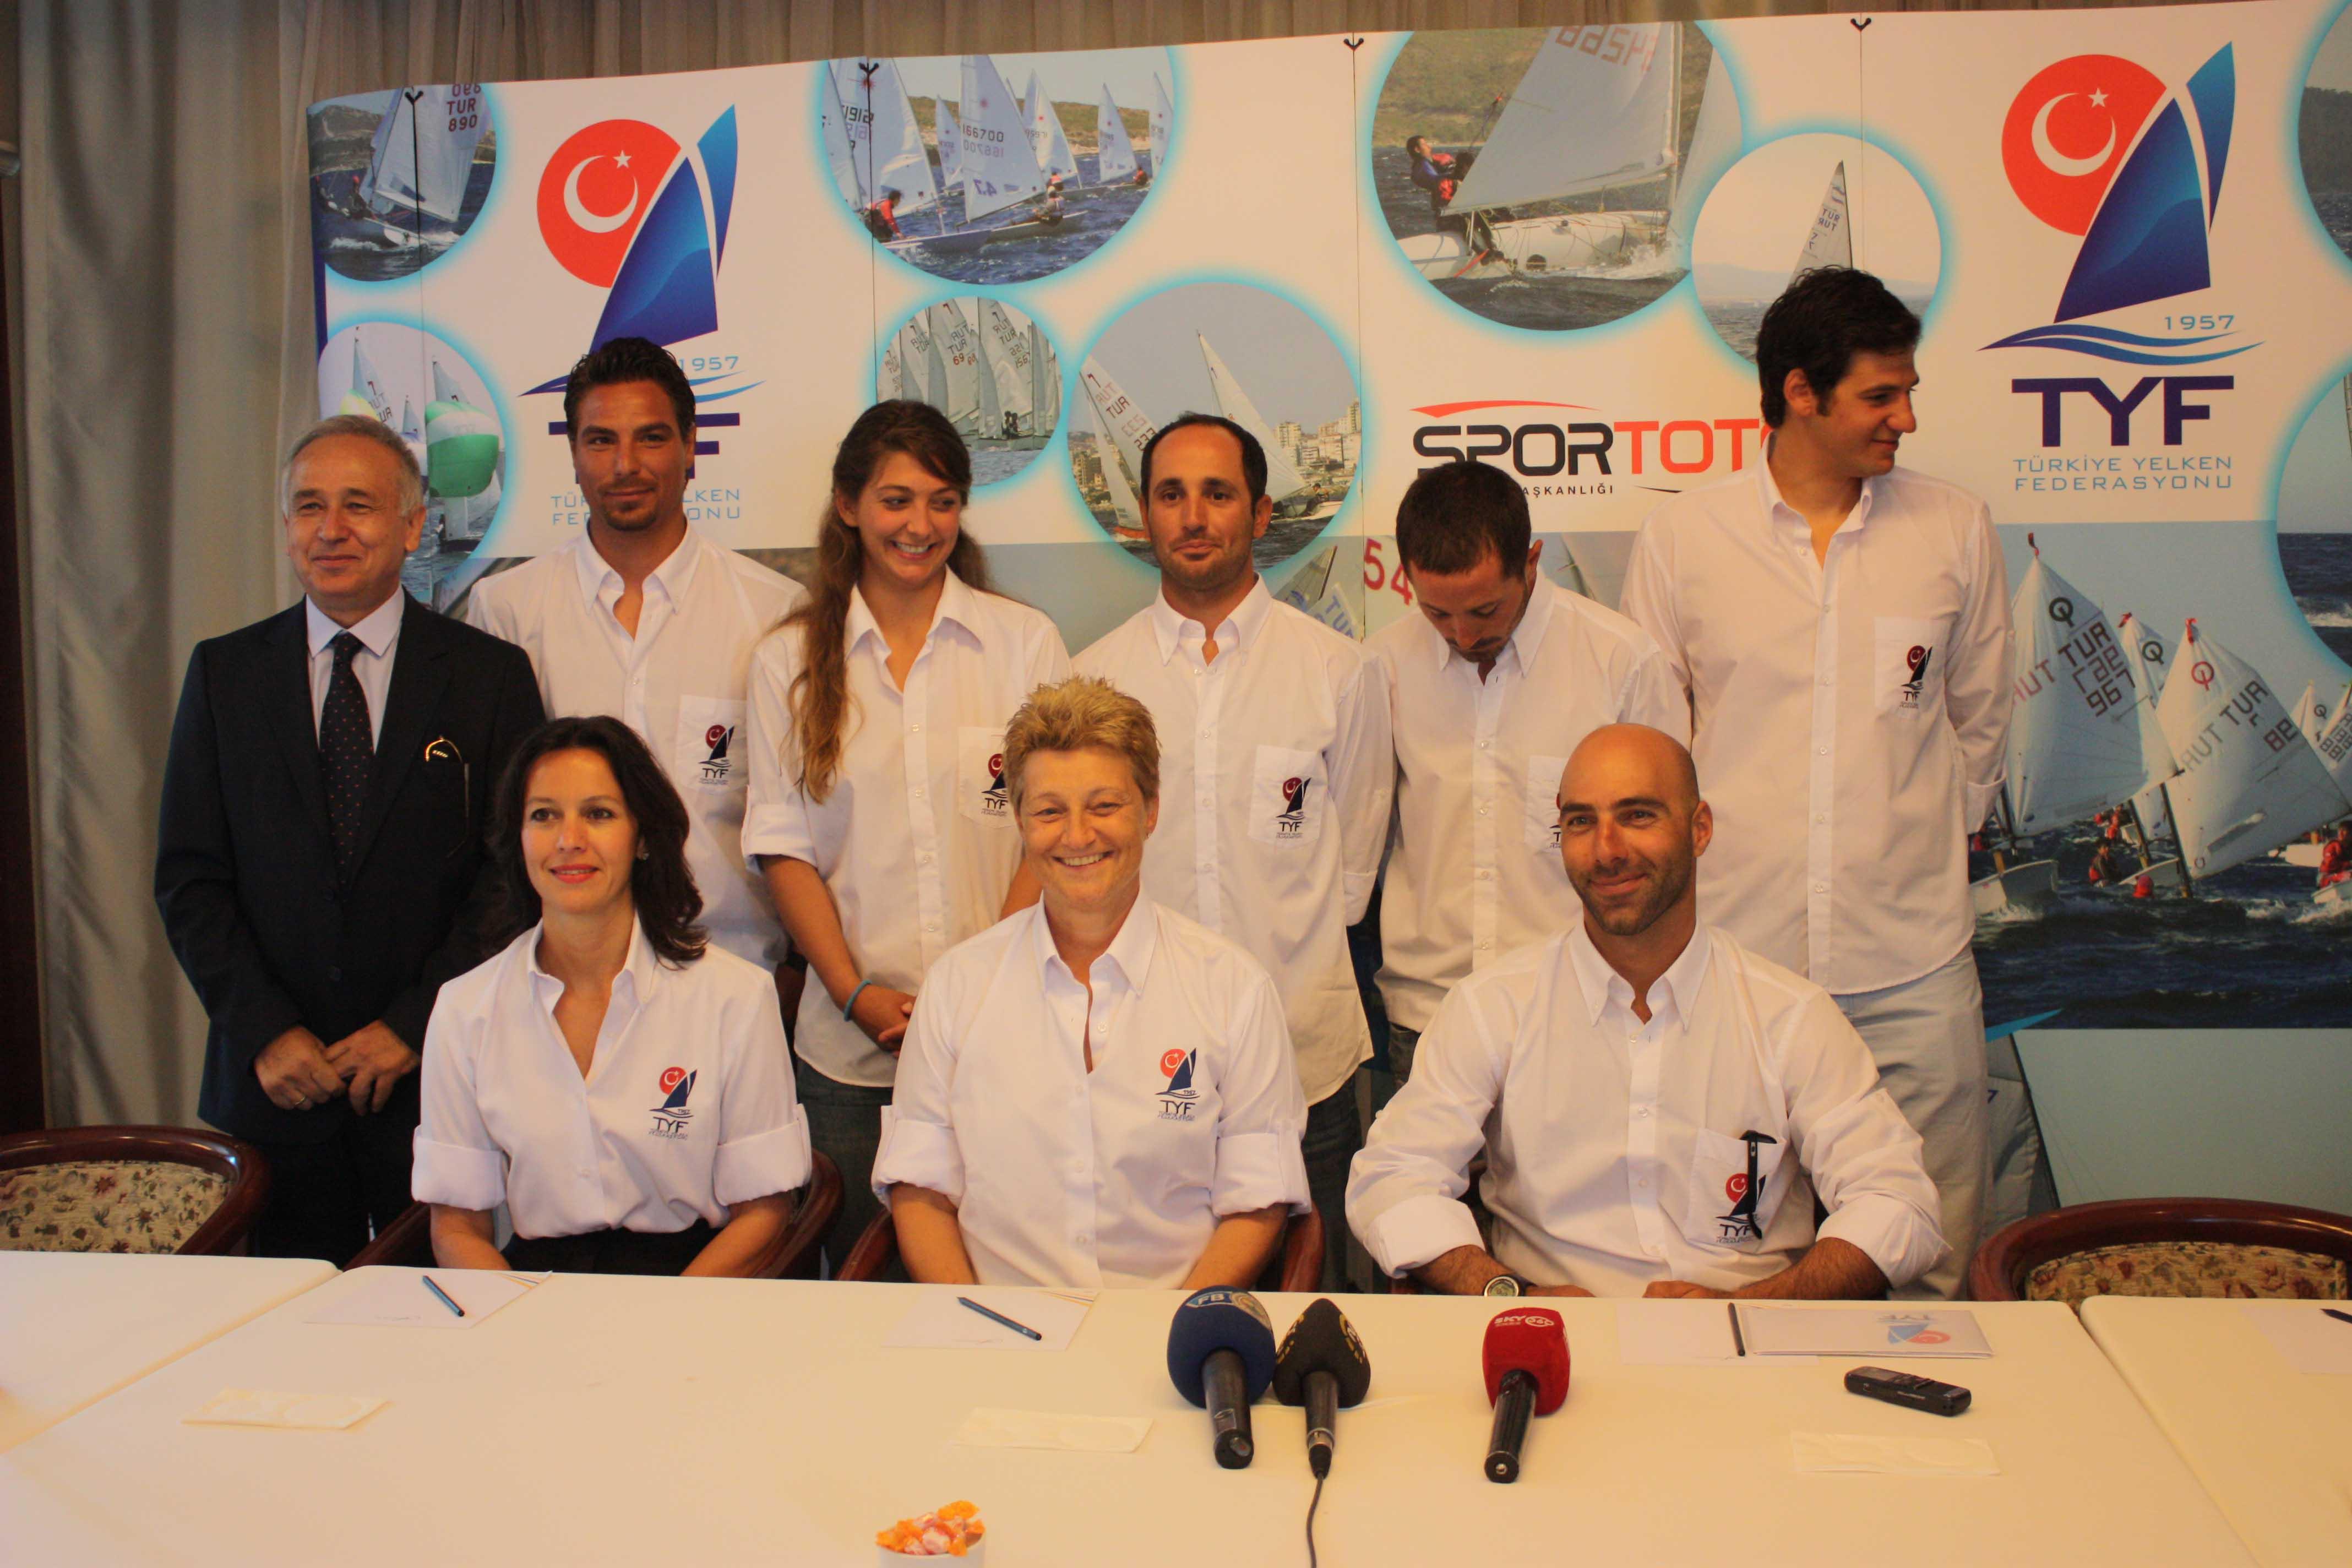 Ülkemizi Temsil Edecek 5 Sporcu Belirlendi